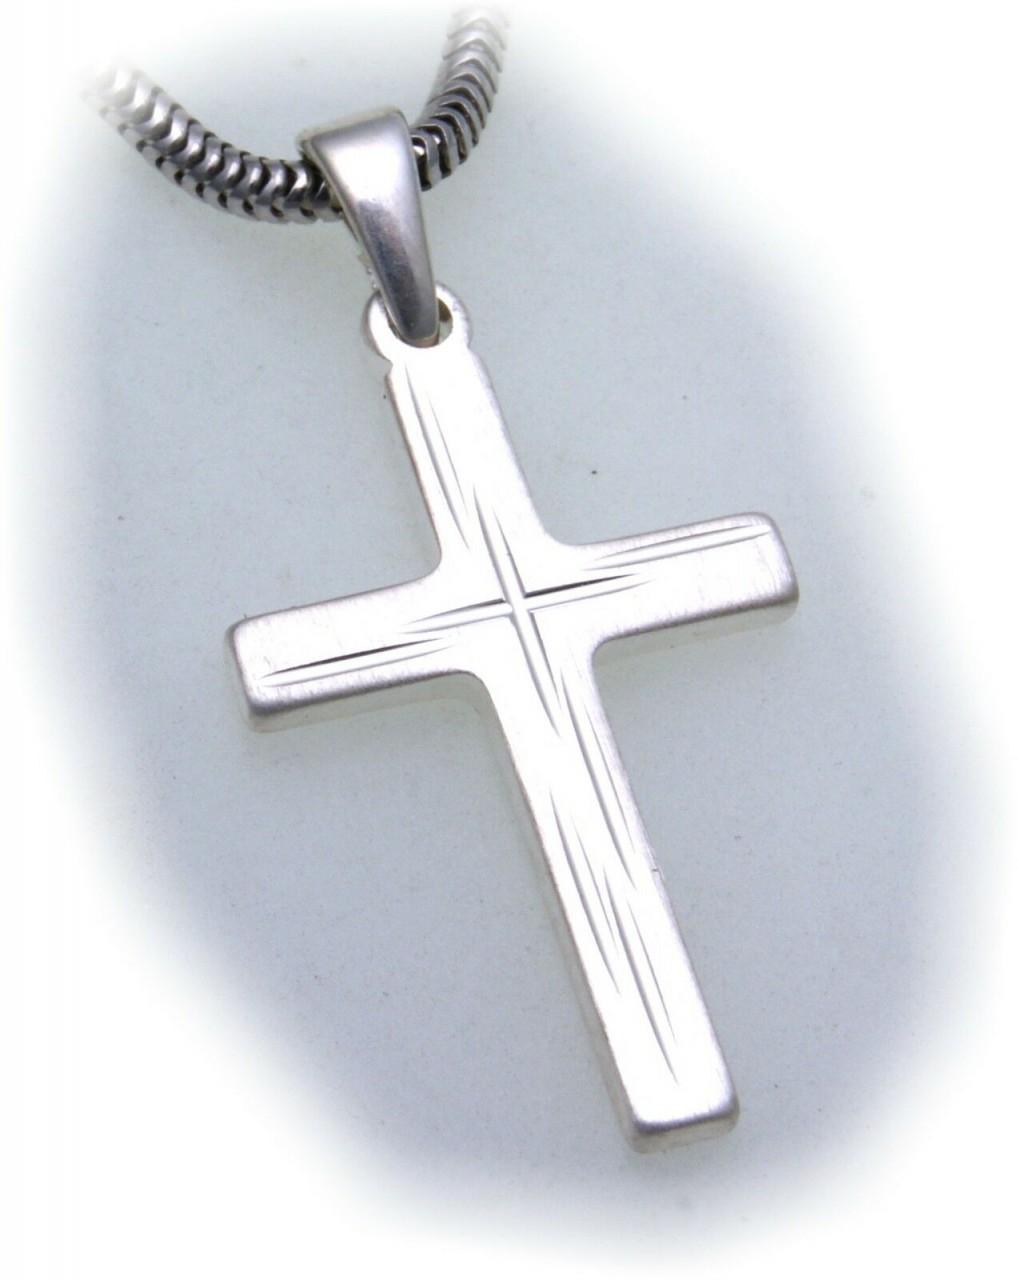 Anhänger Kreuz echt Silber 925 28 mm mattiert verziert Sterlingsilber Unisex